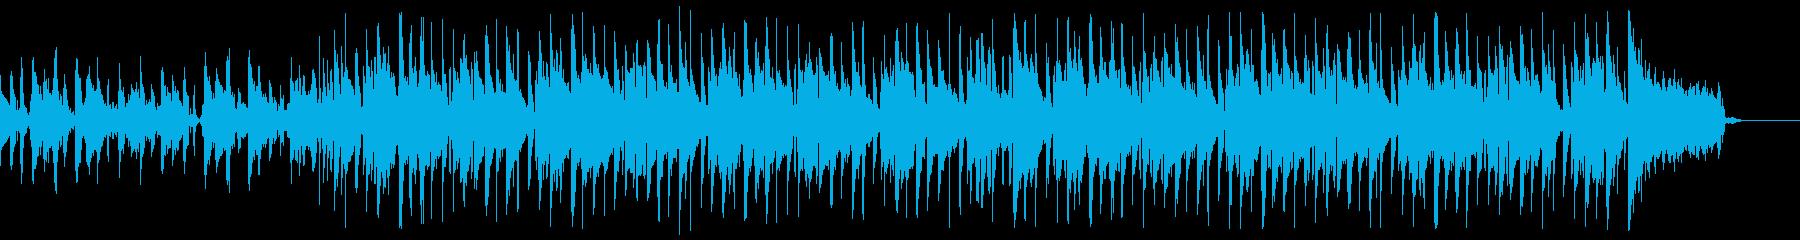 アコギが可愛いSurf music60秒の再生済みの波形